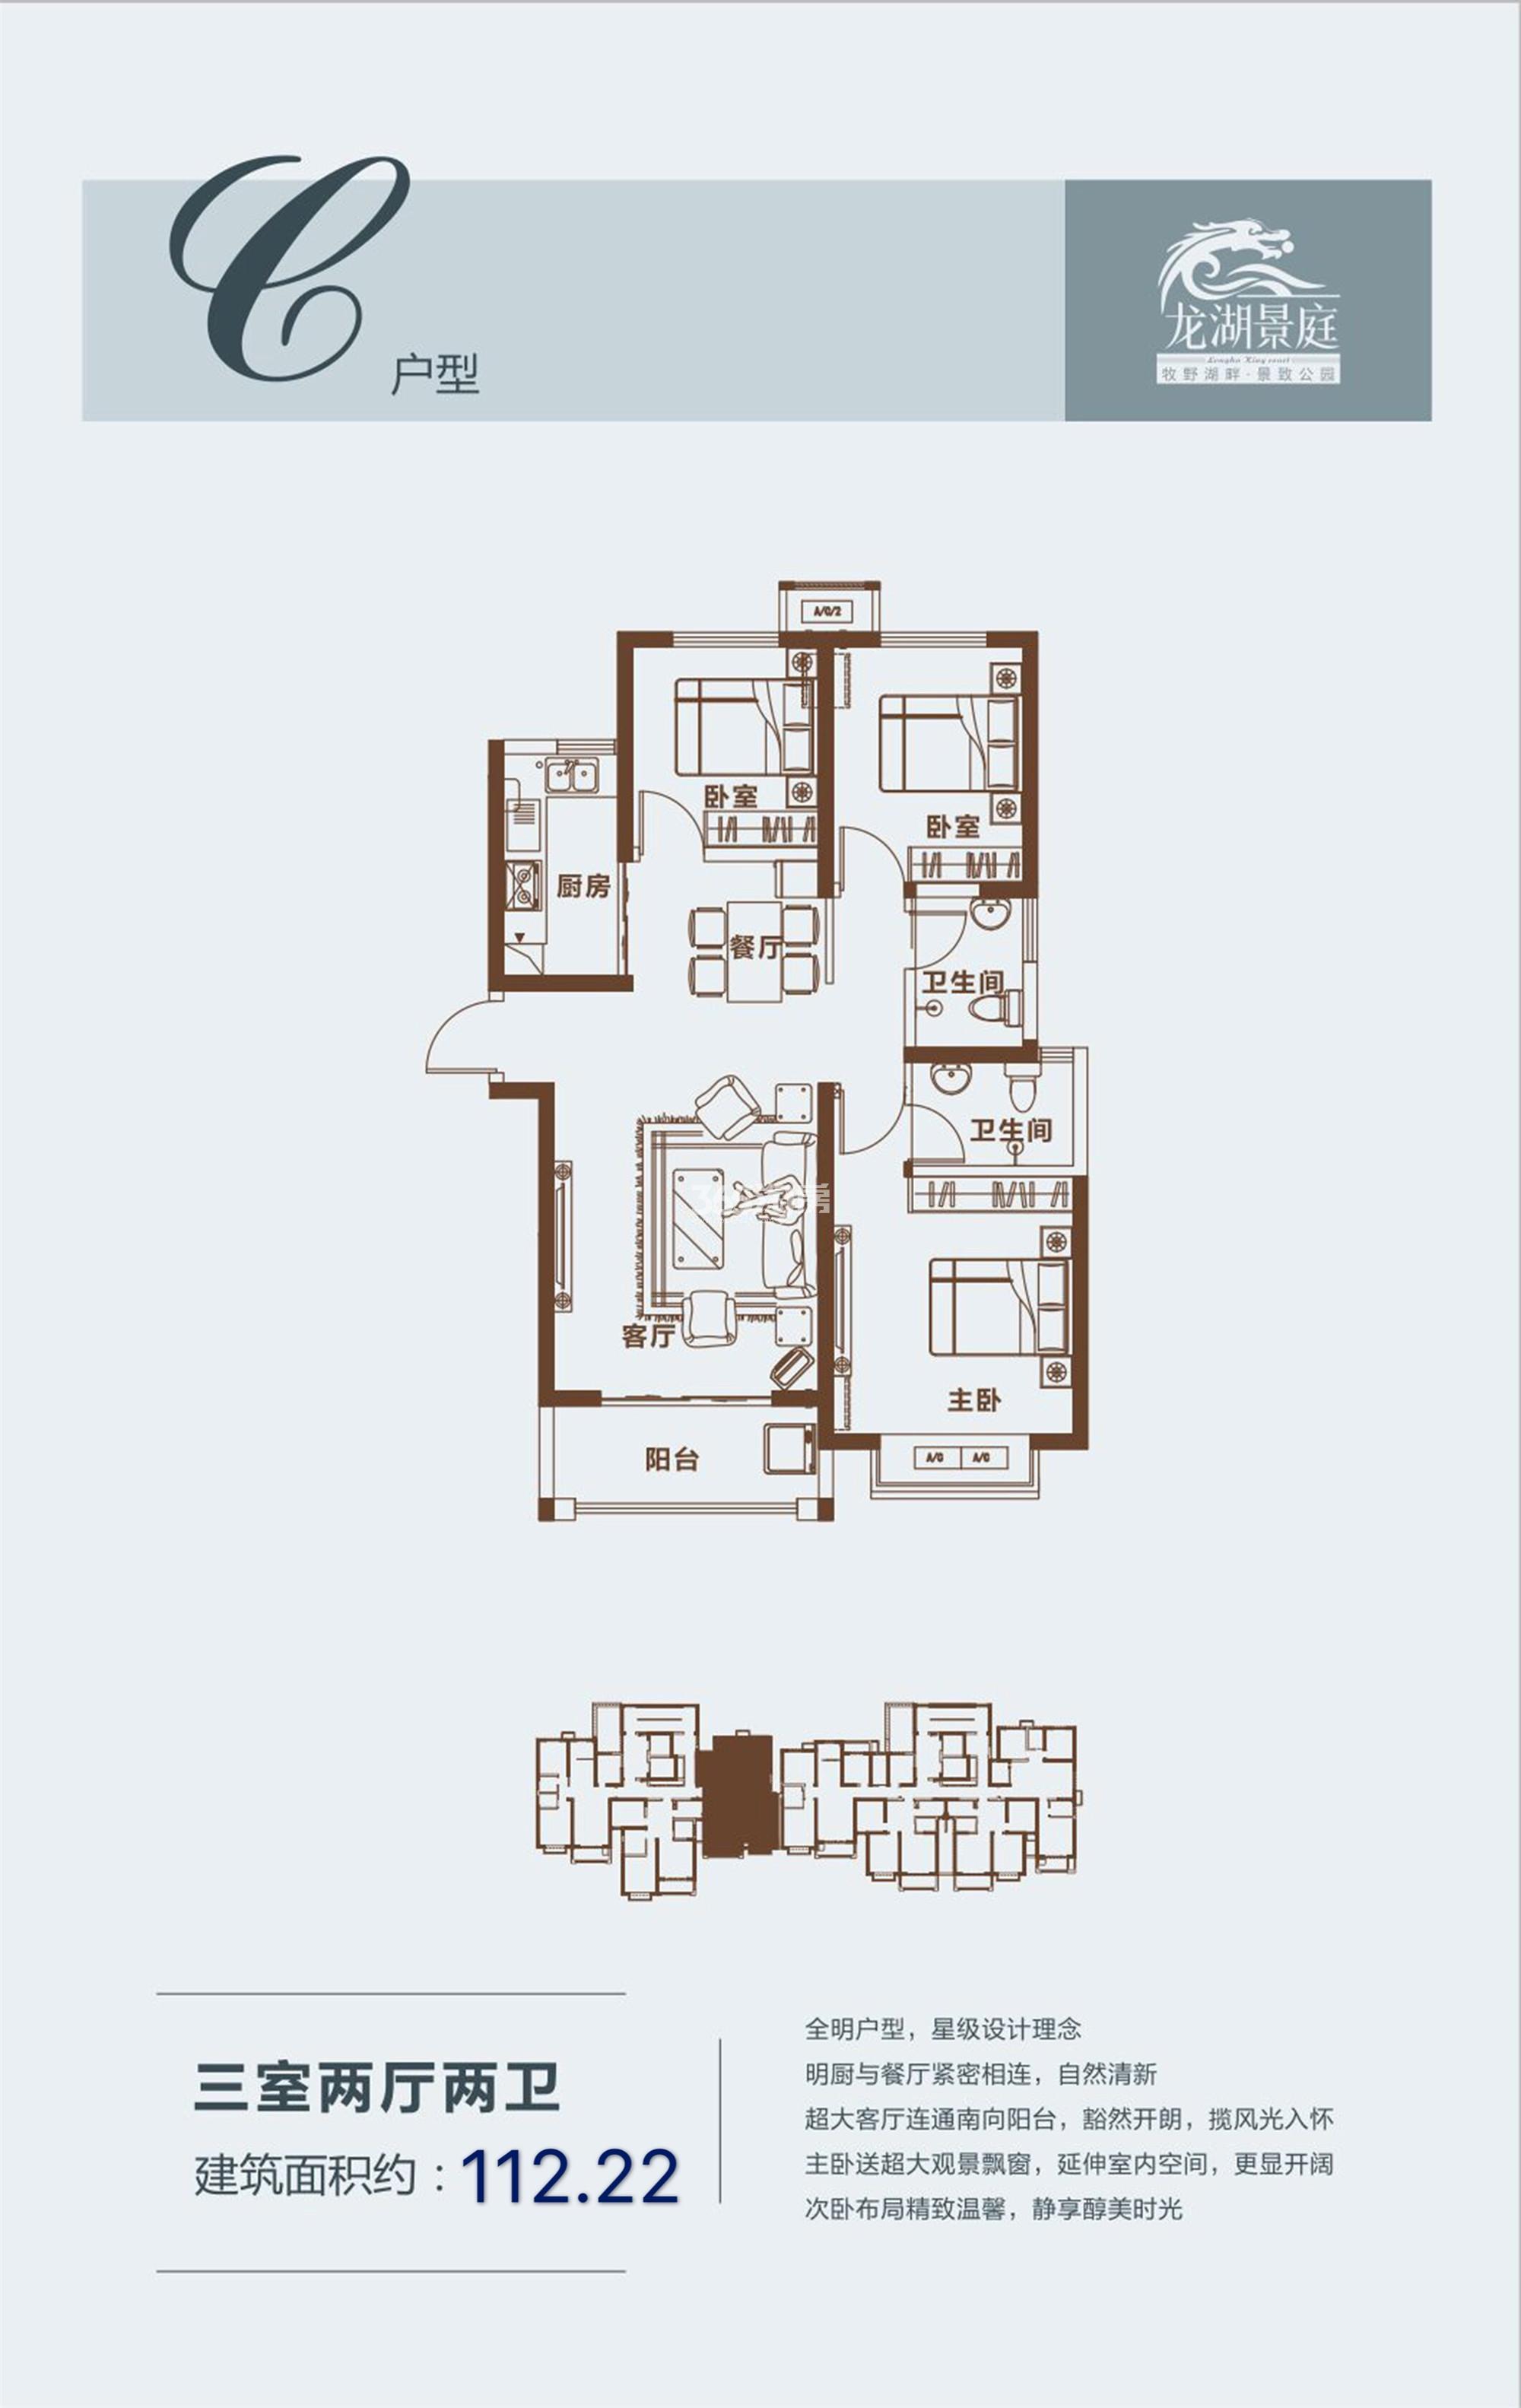 C户型图三室两厅两卫